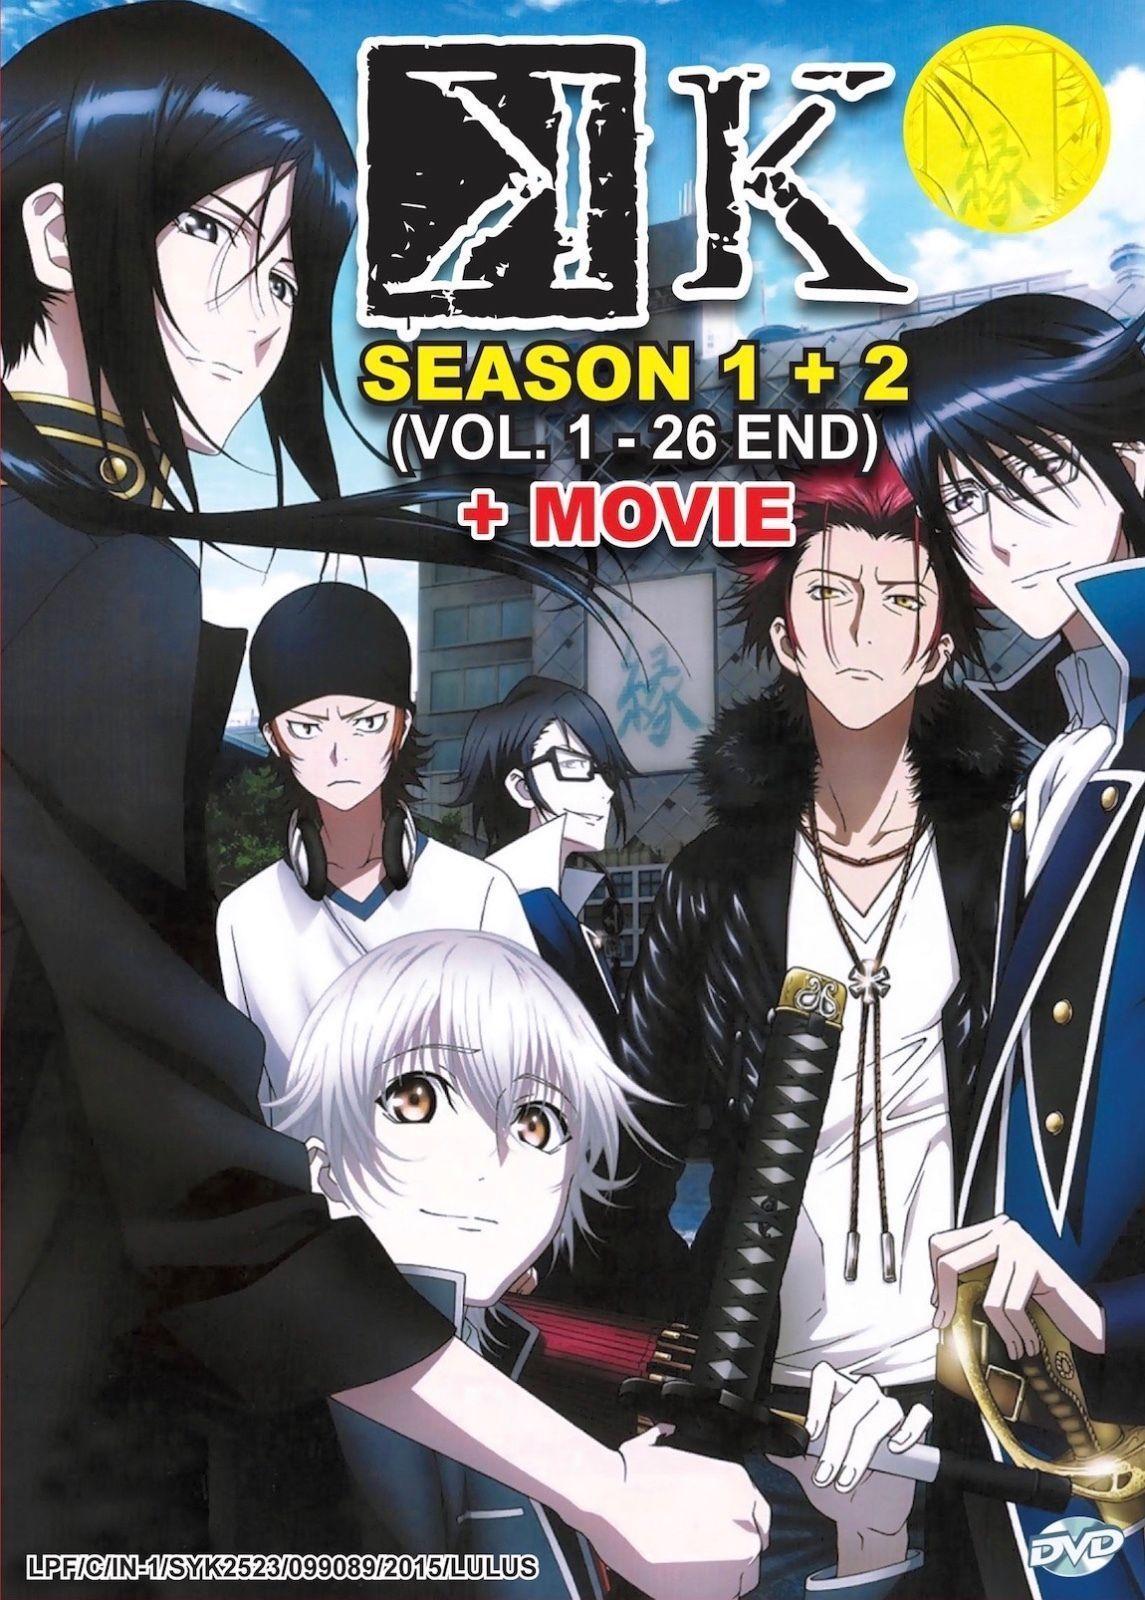 14 61 Dvd Anime K Season 1 2 Vol 1 26 End Movie